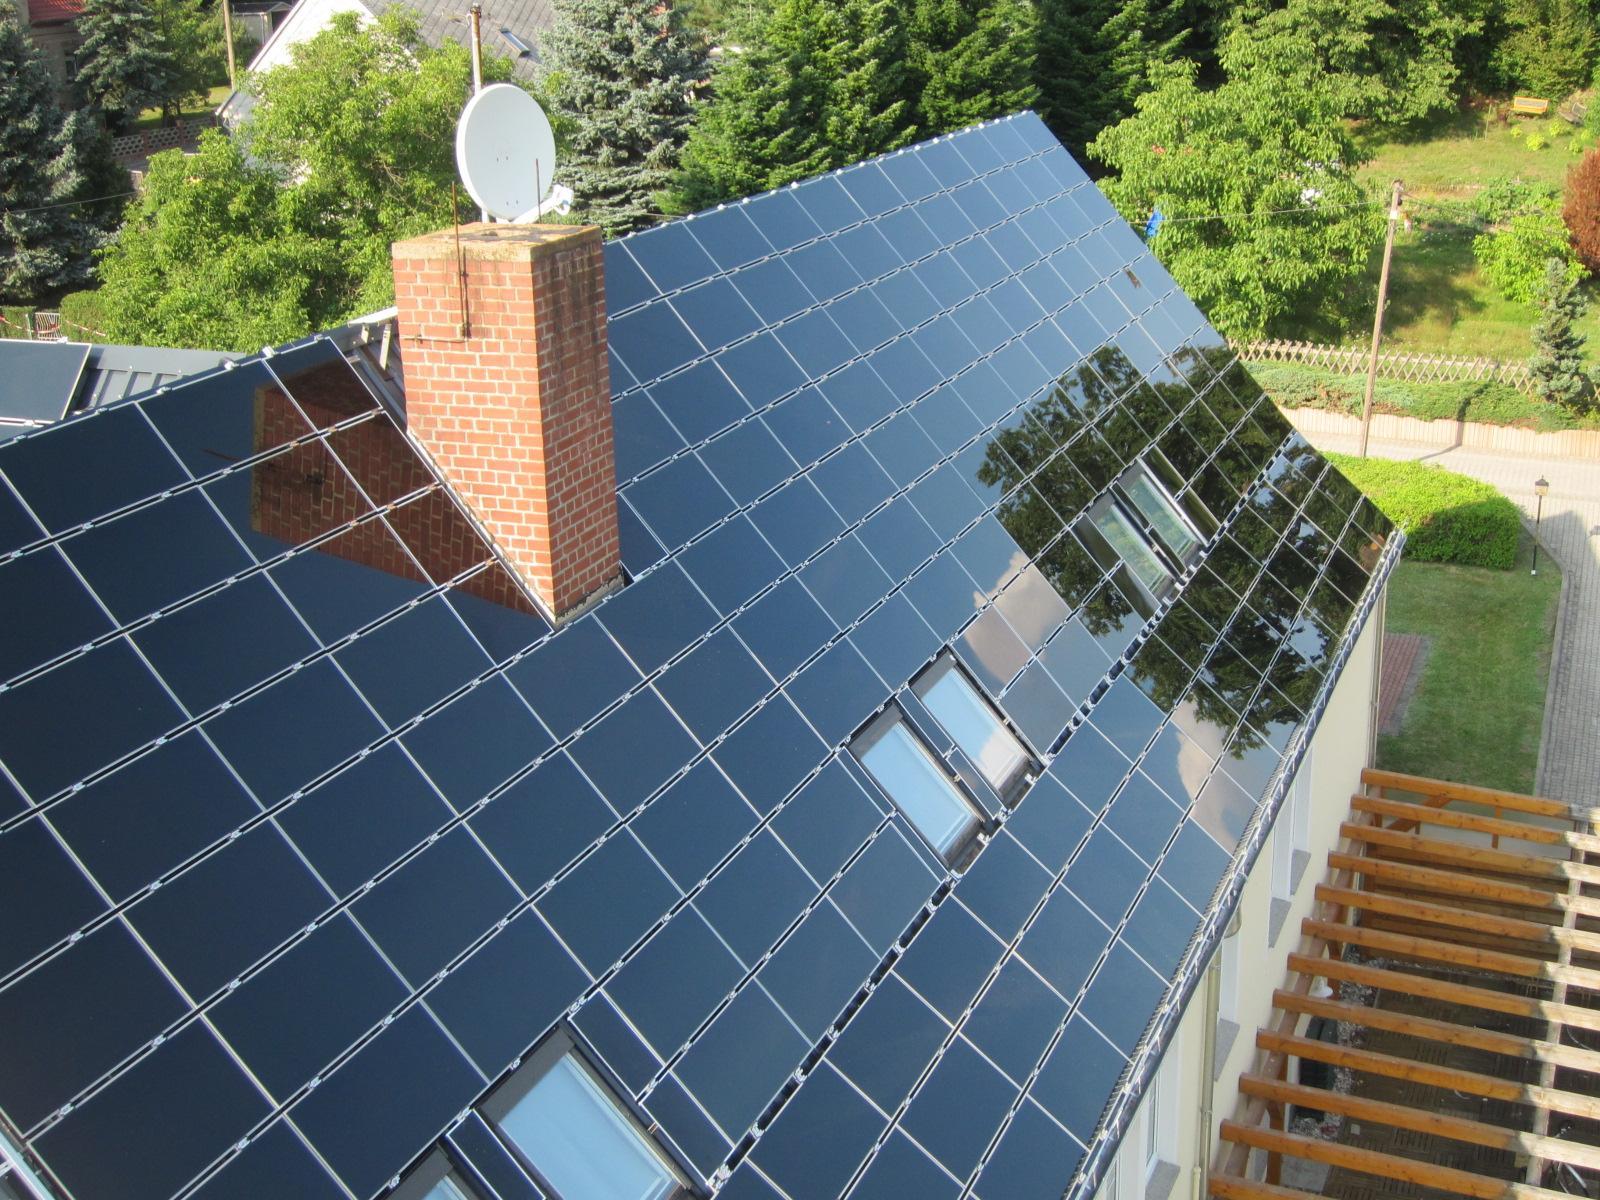 aufdachanlage solaranlagen photovoltaikanlage david solar deutschland gmbh. Black Bedroom Furniture Sets. Home Design Ideas